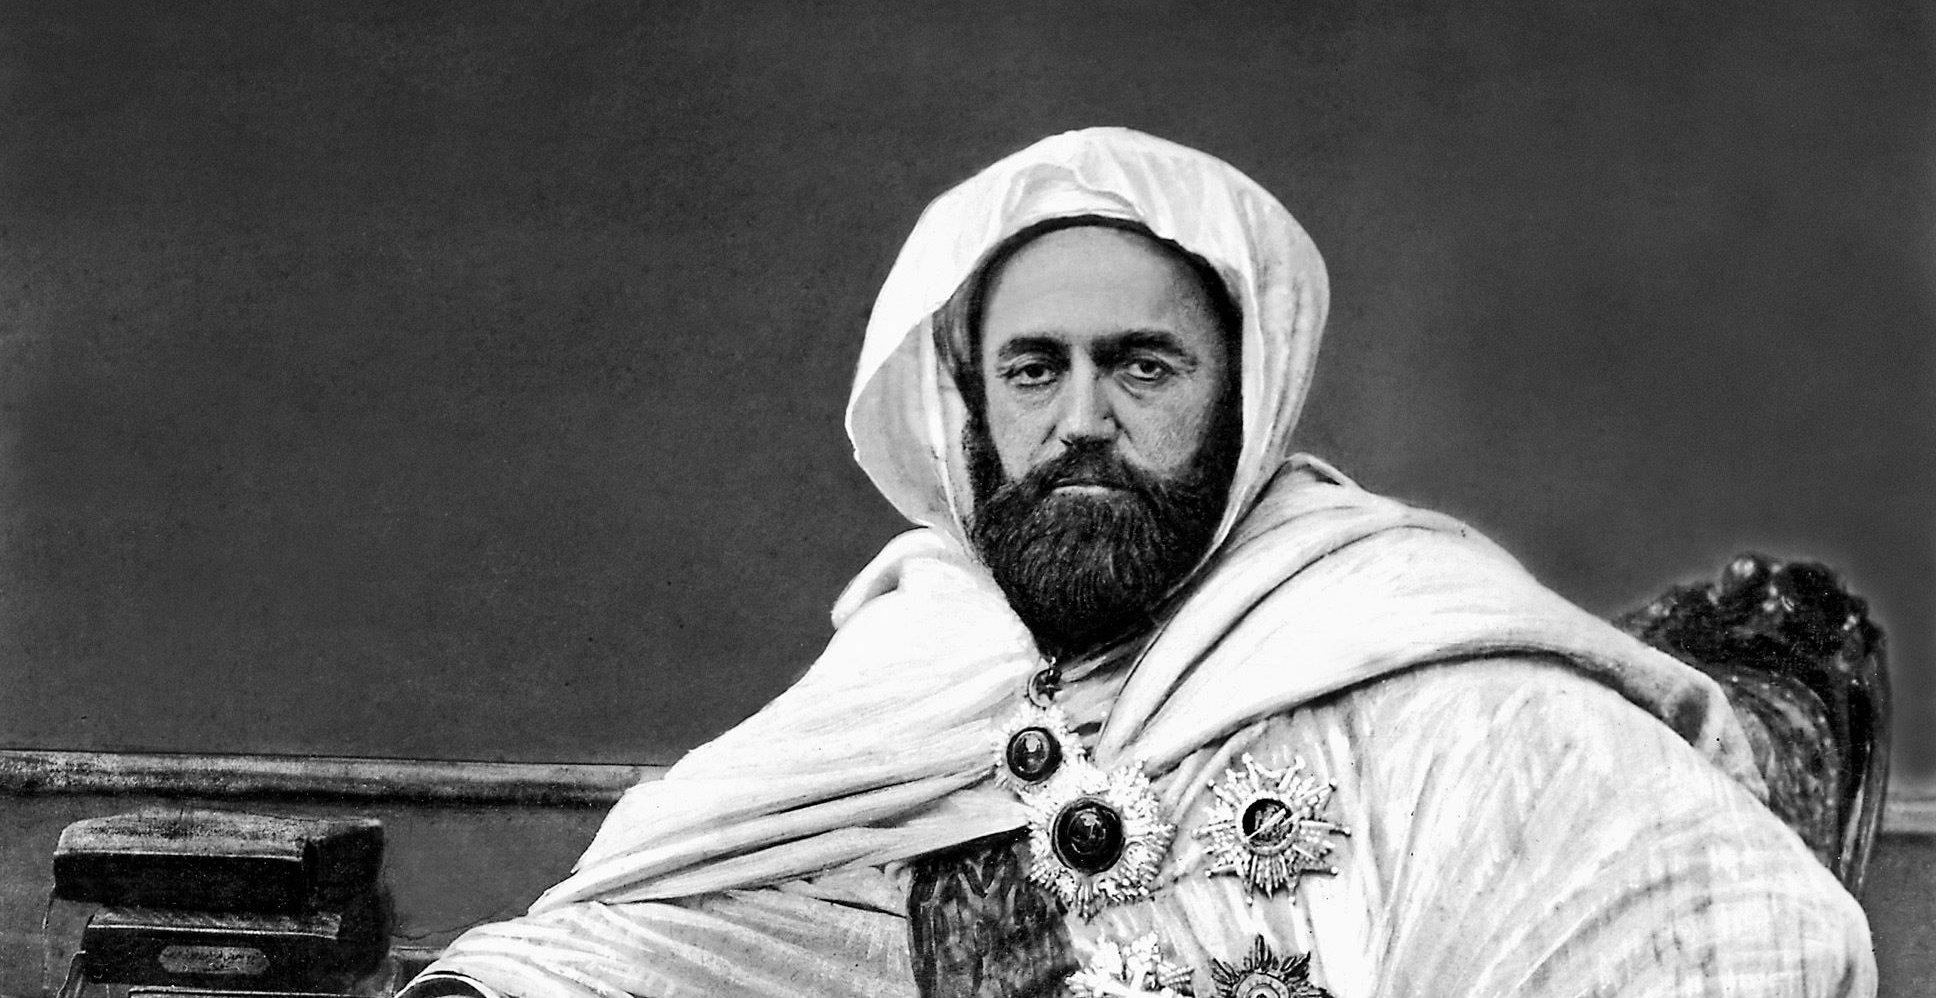 الأمير عبد القادر الجزائري